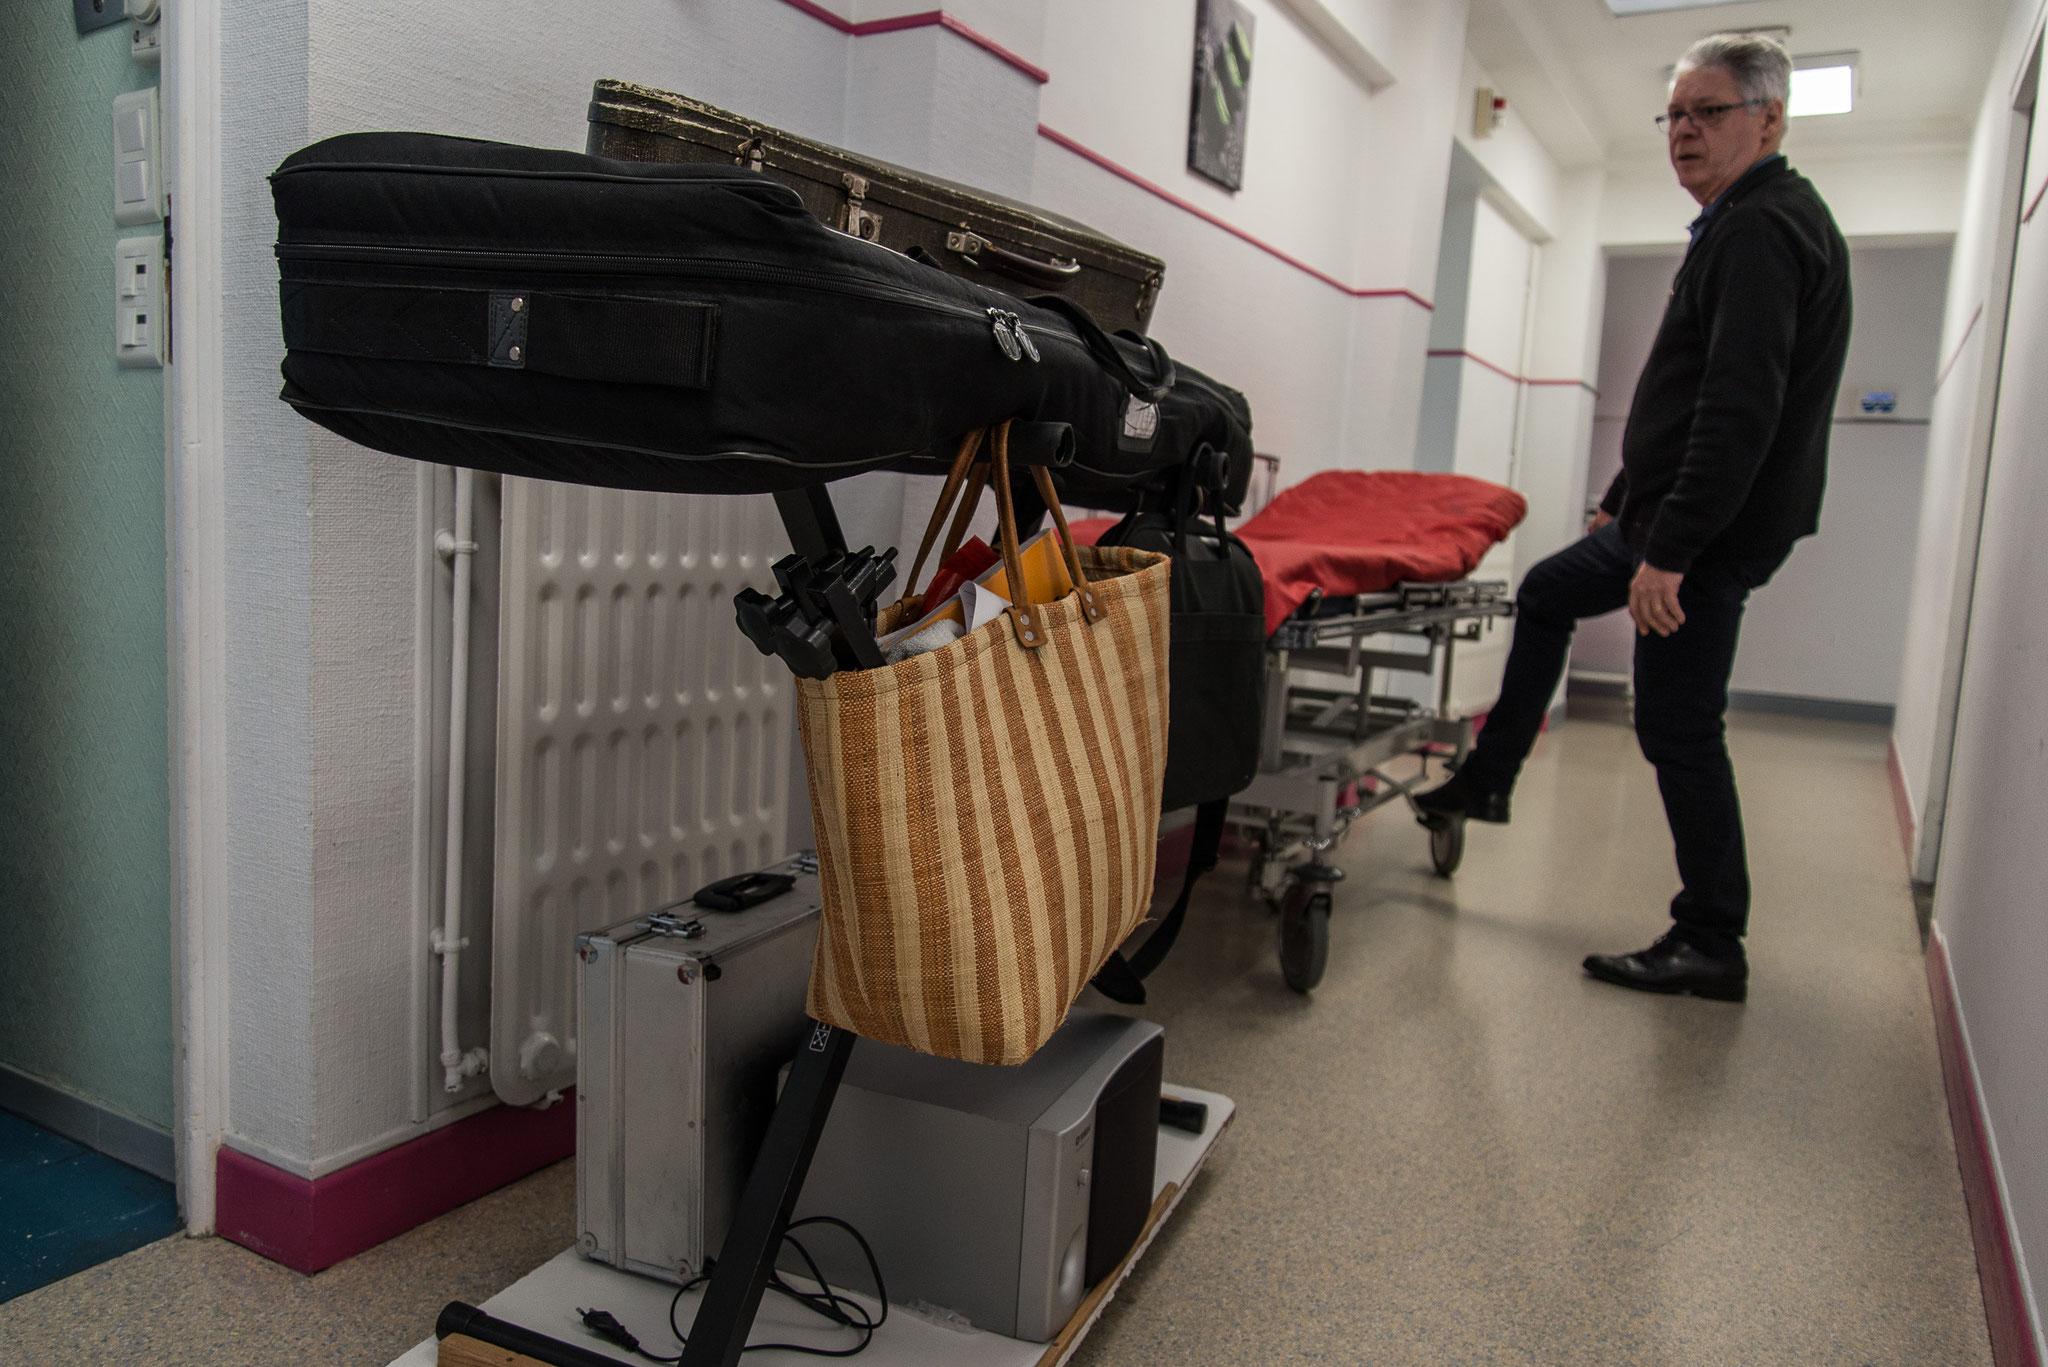 Installation du matériel avant d'aller à la rencontre des patients